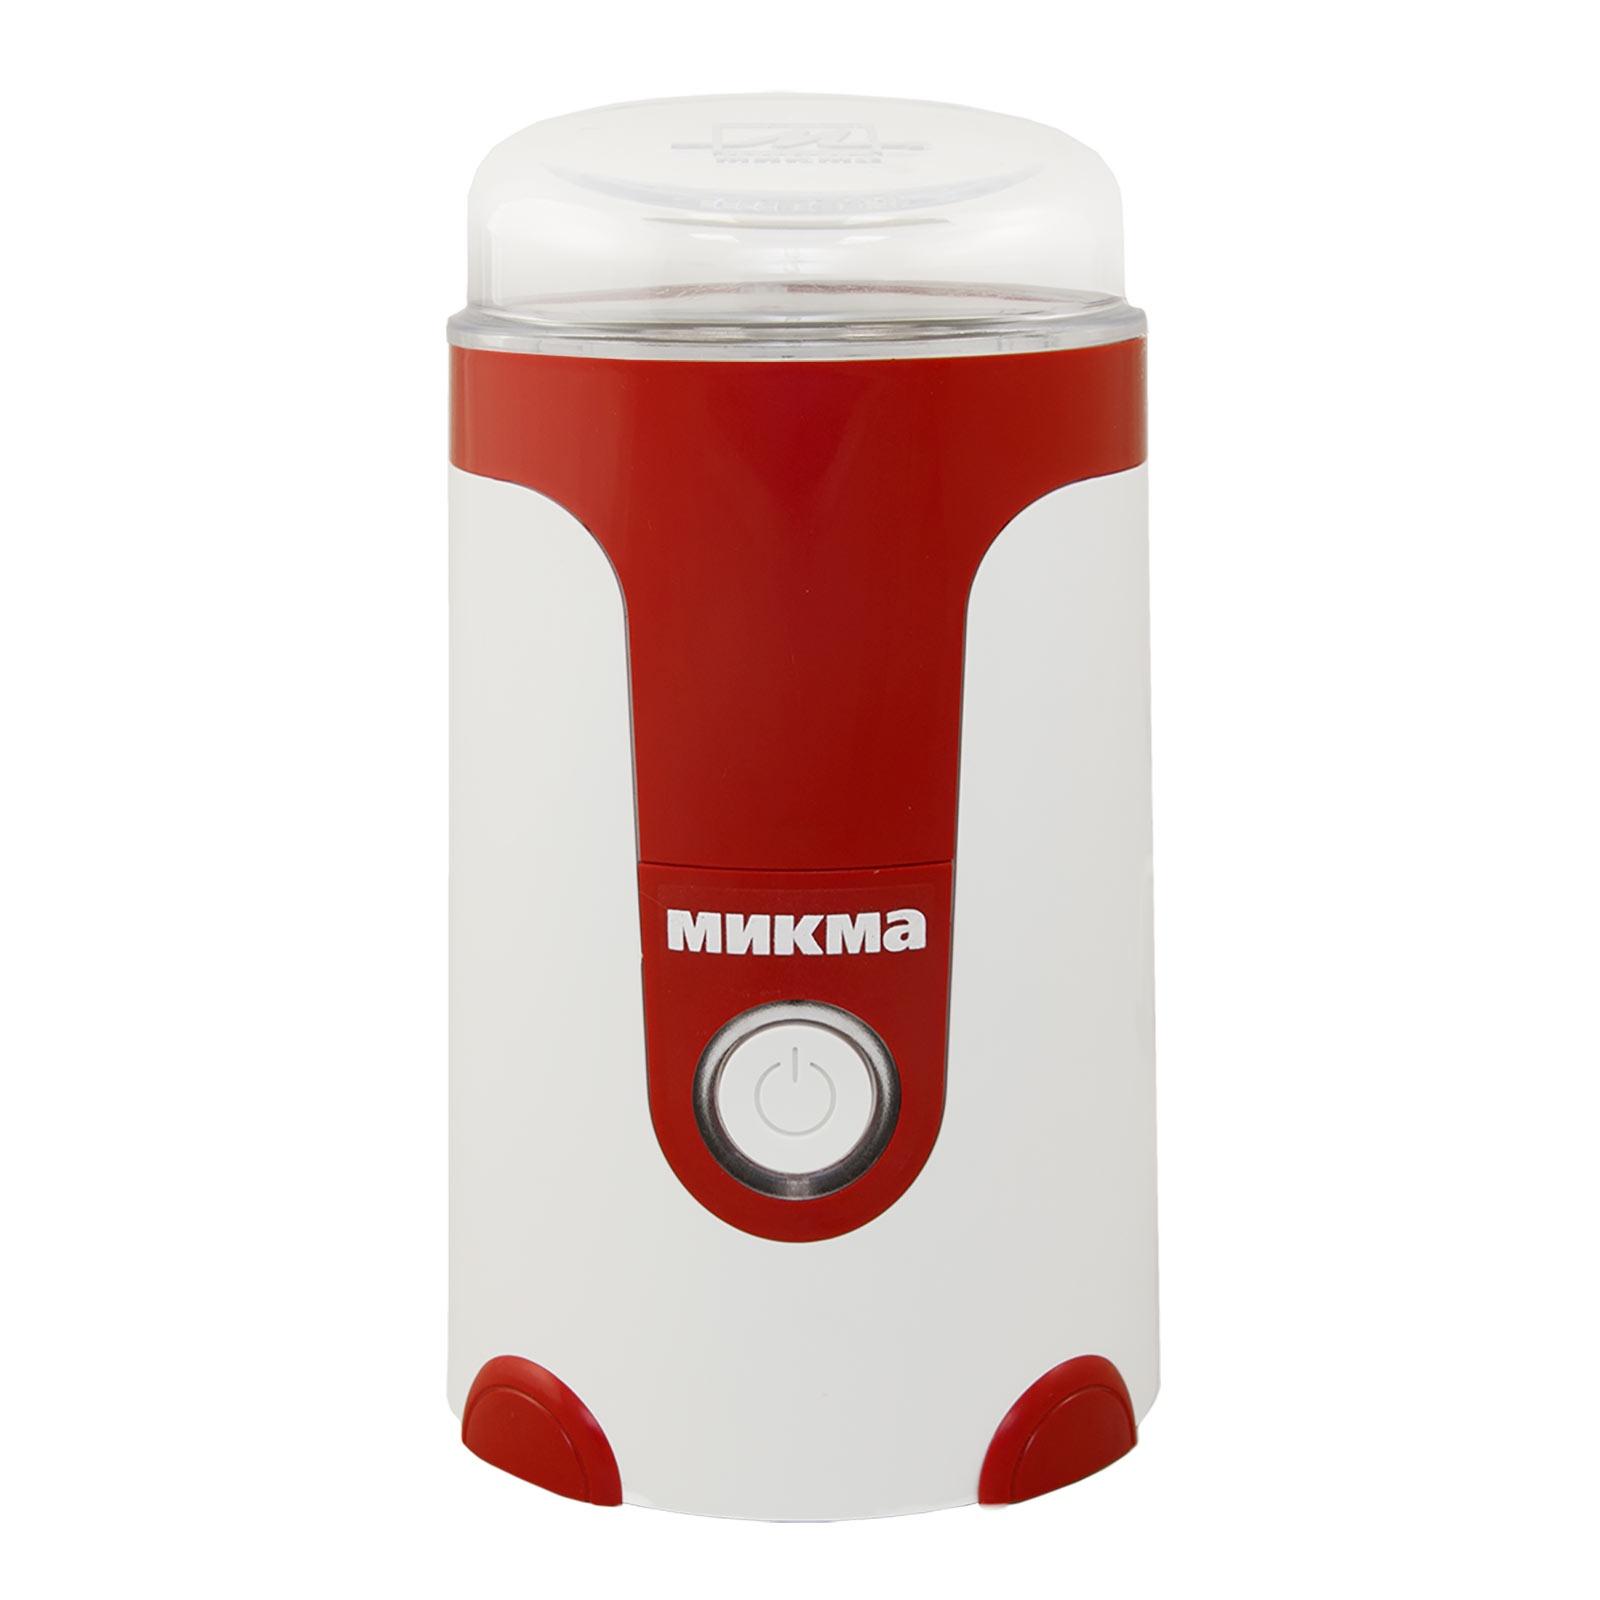 Электрокофемолка Микма ИП-33, цвет: белый, красный, 50 г